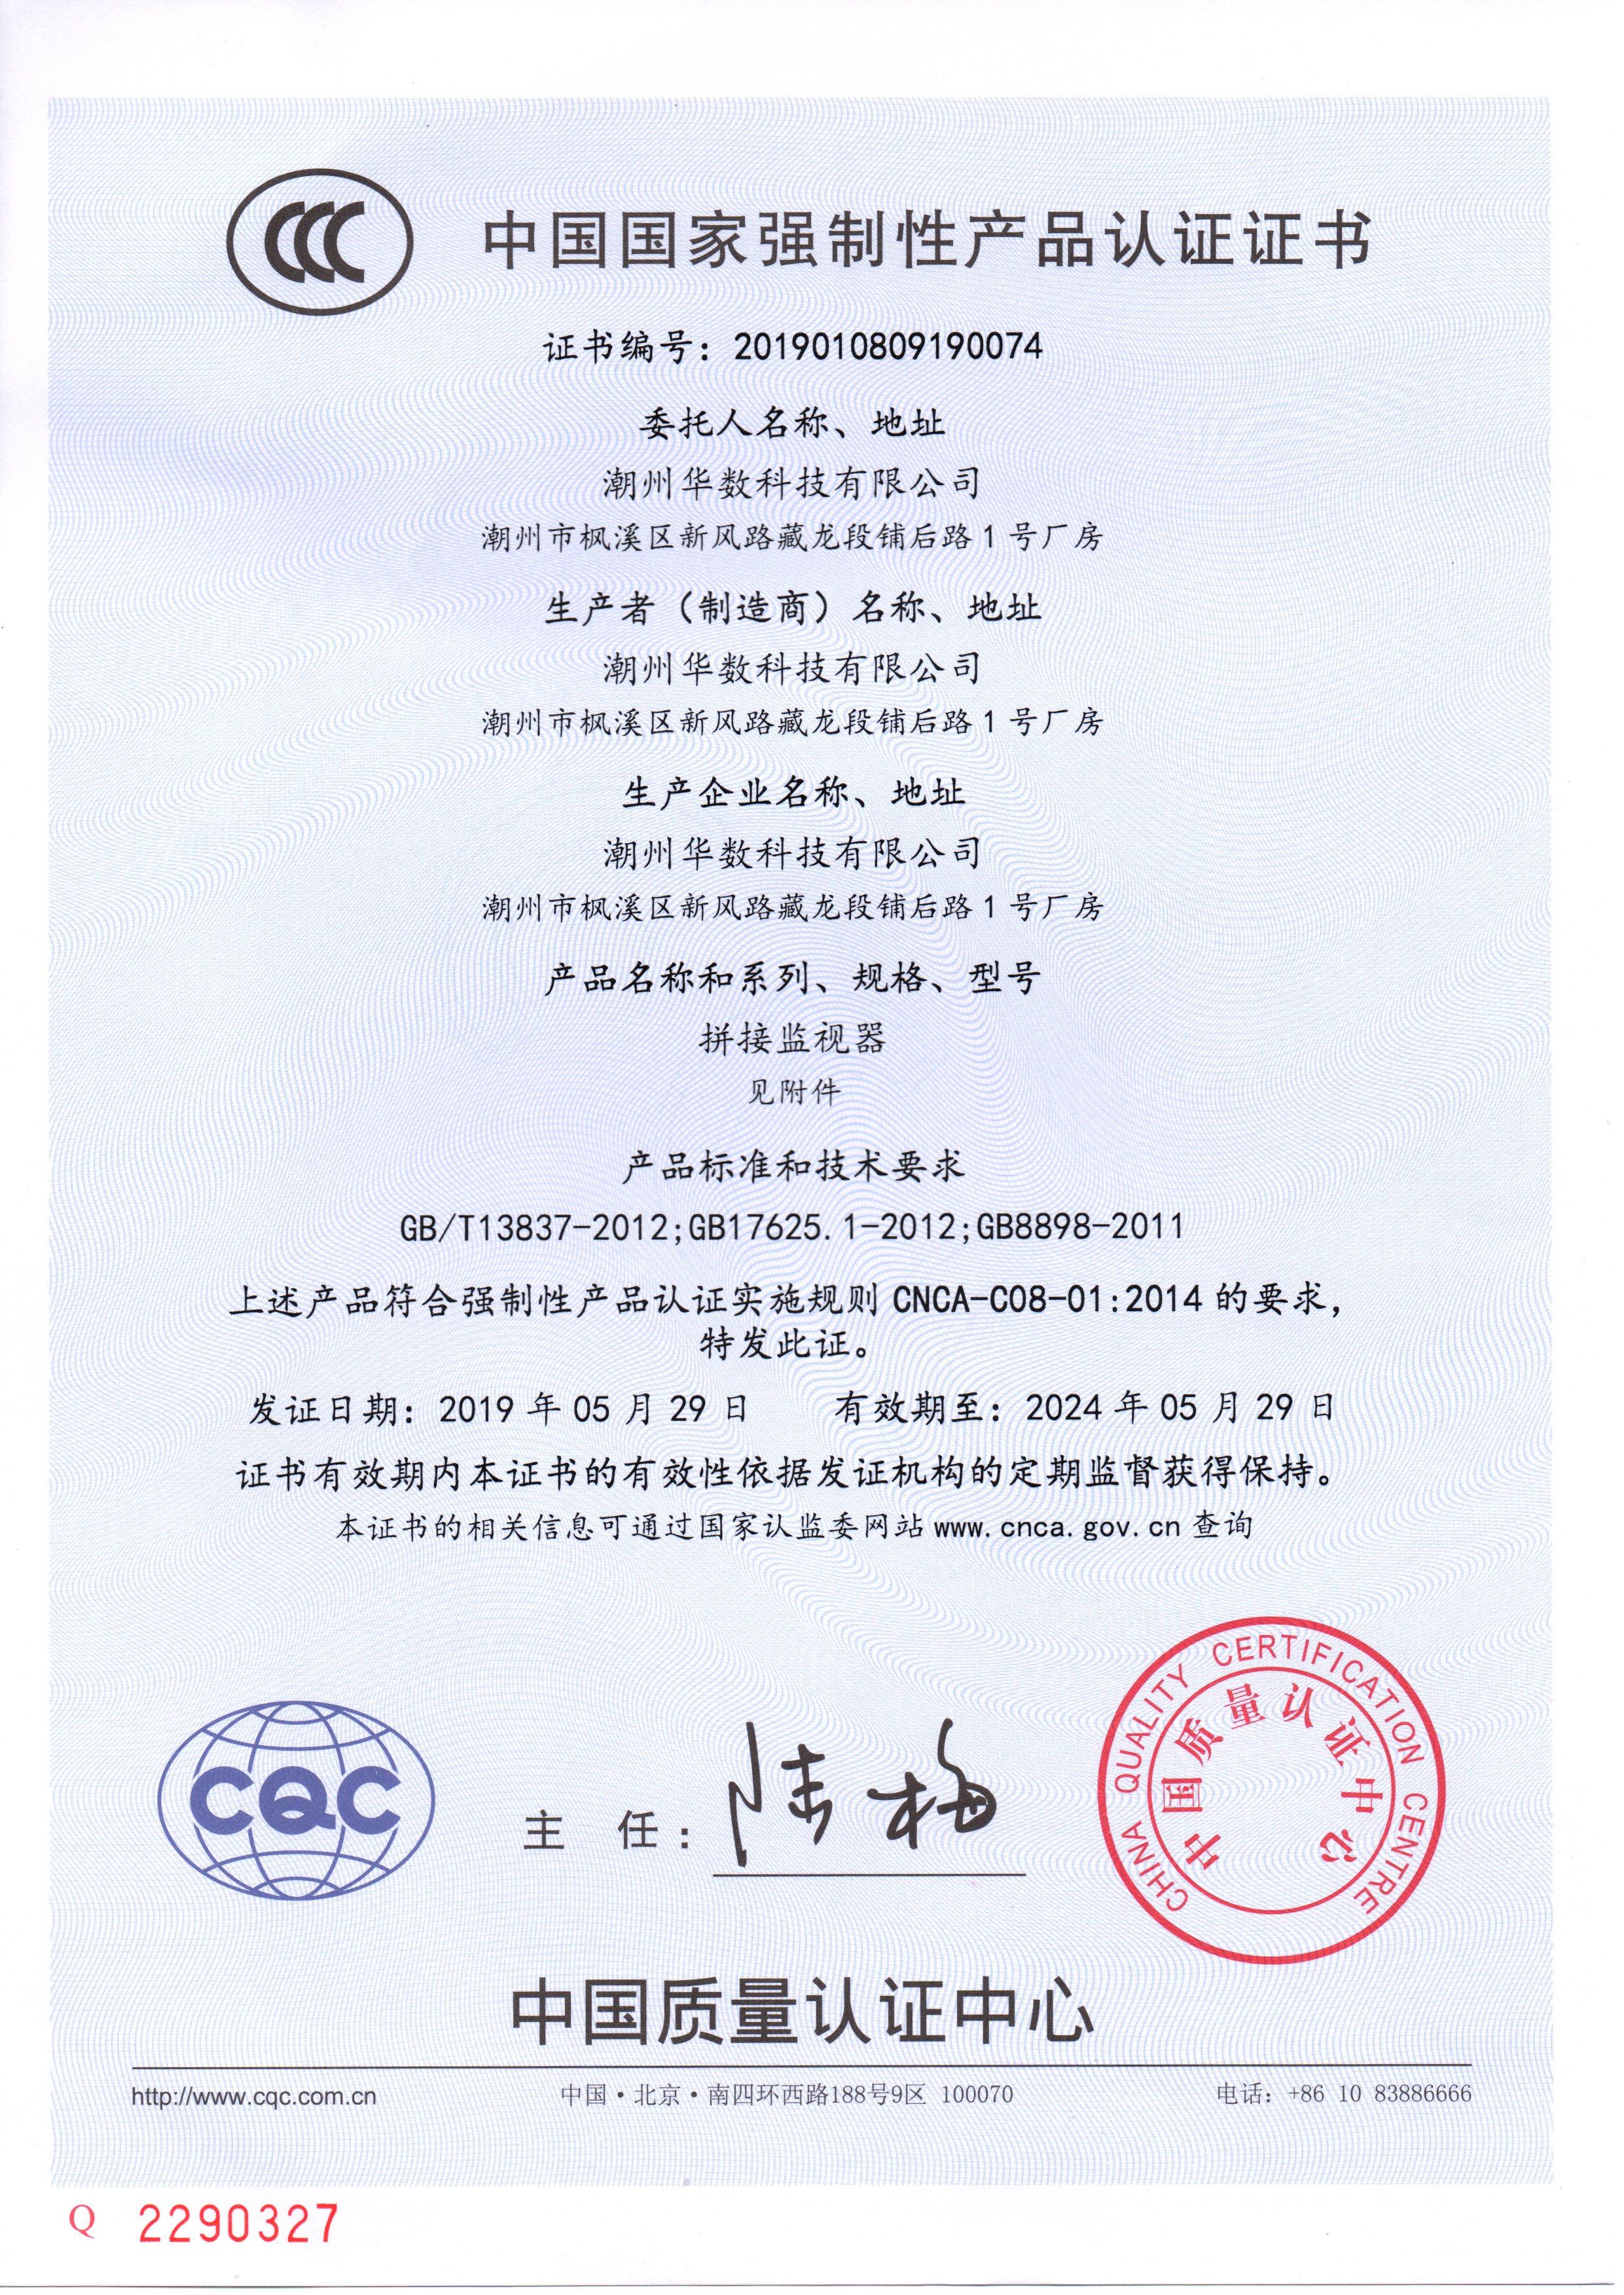 拼接监视器CCC证书